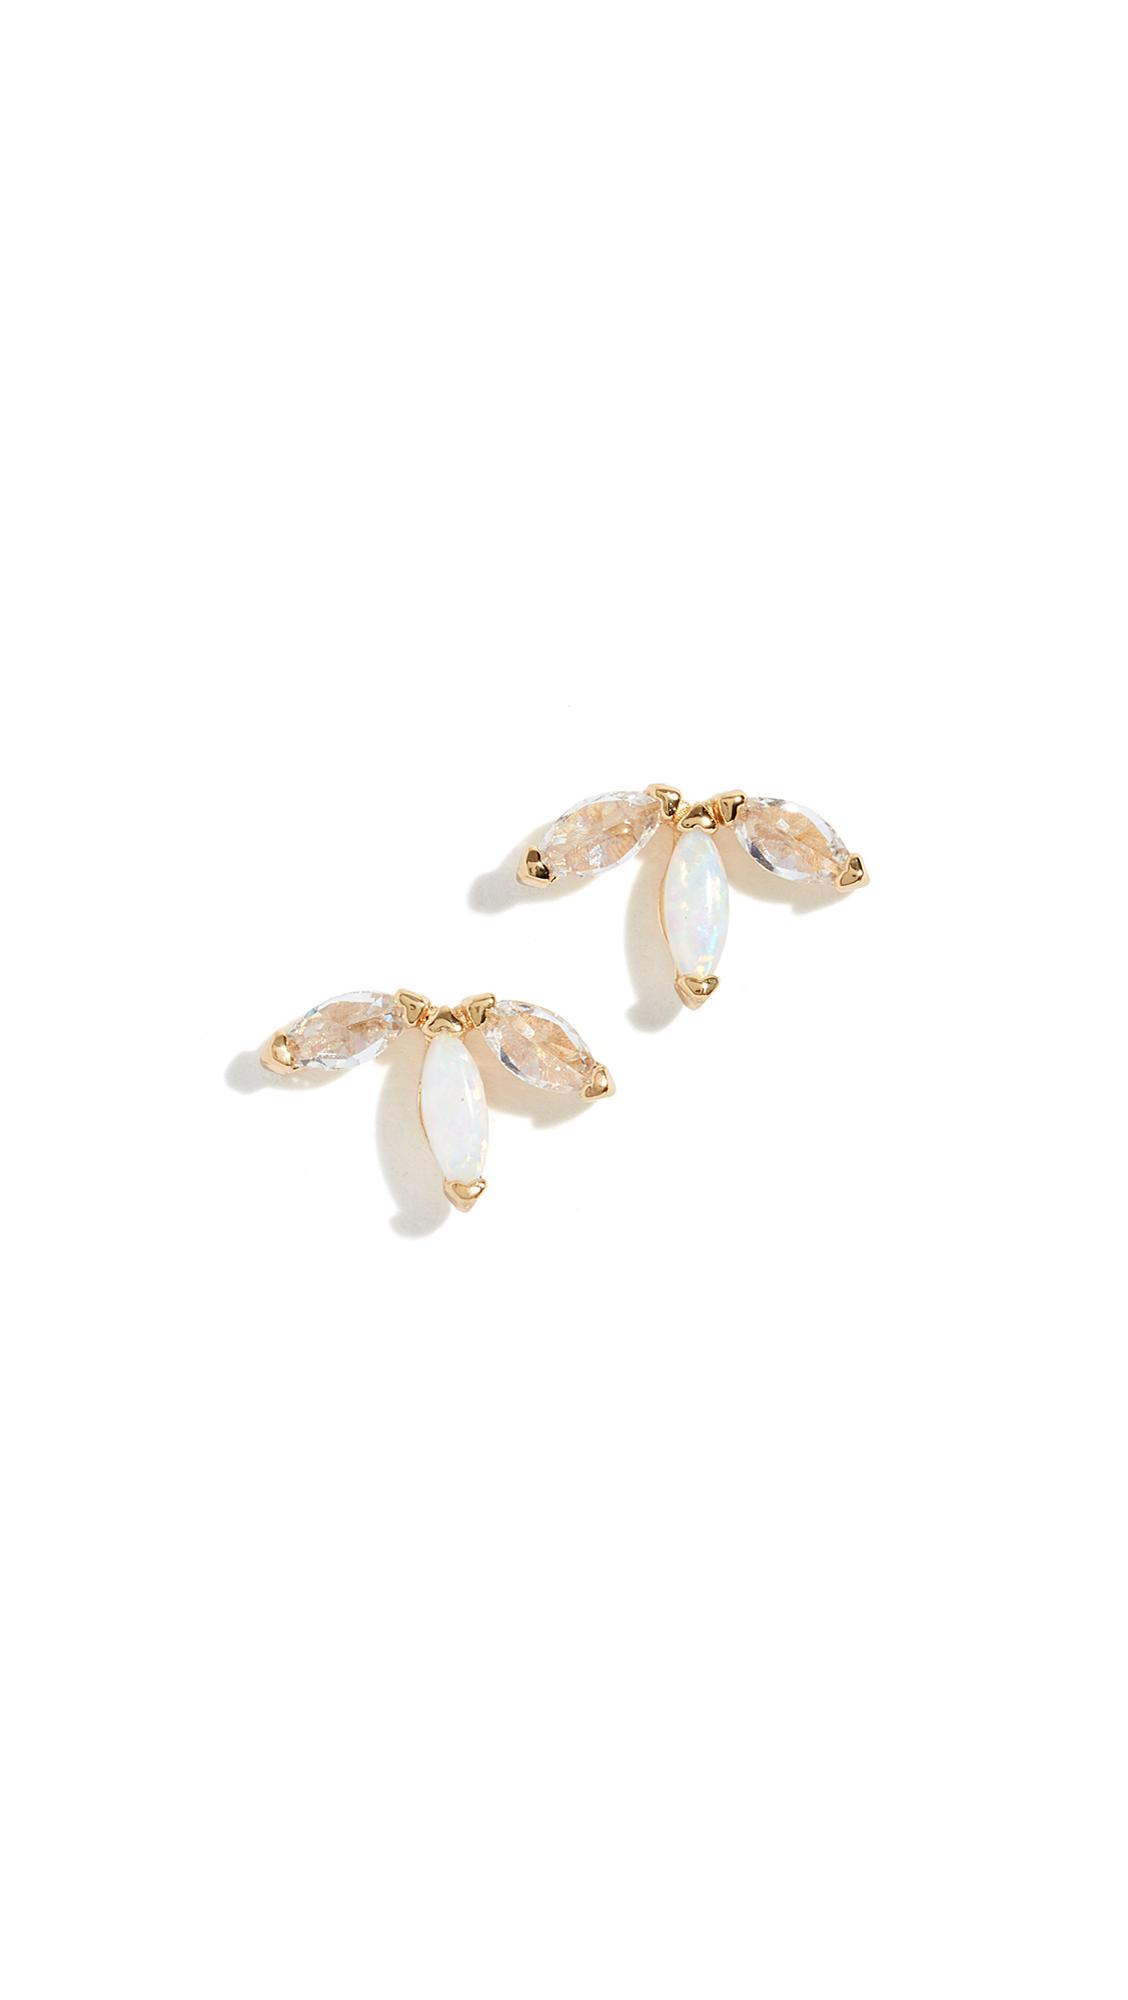 GORJANA Perry Stud Earrings in Opalite